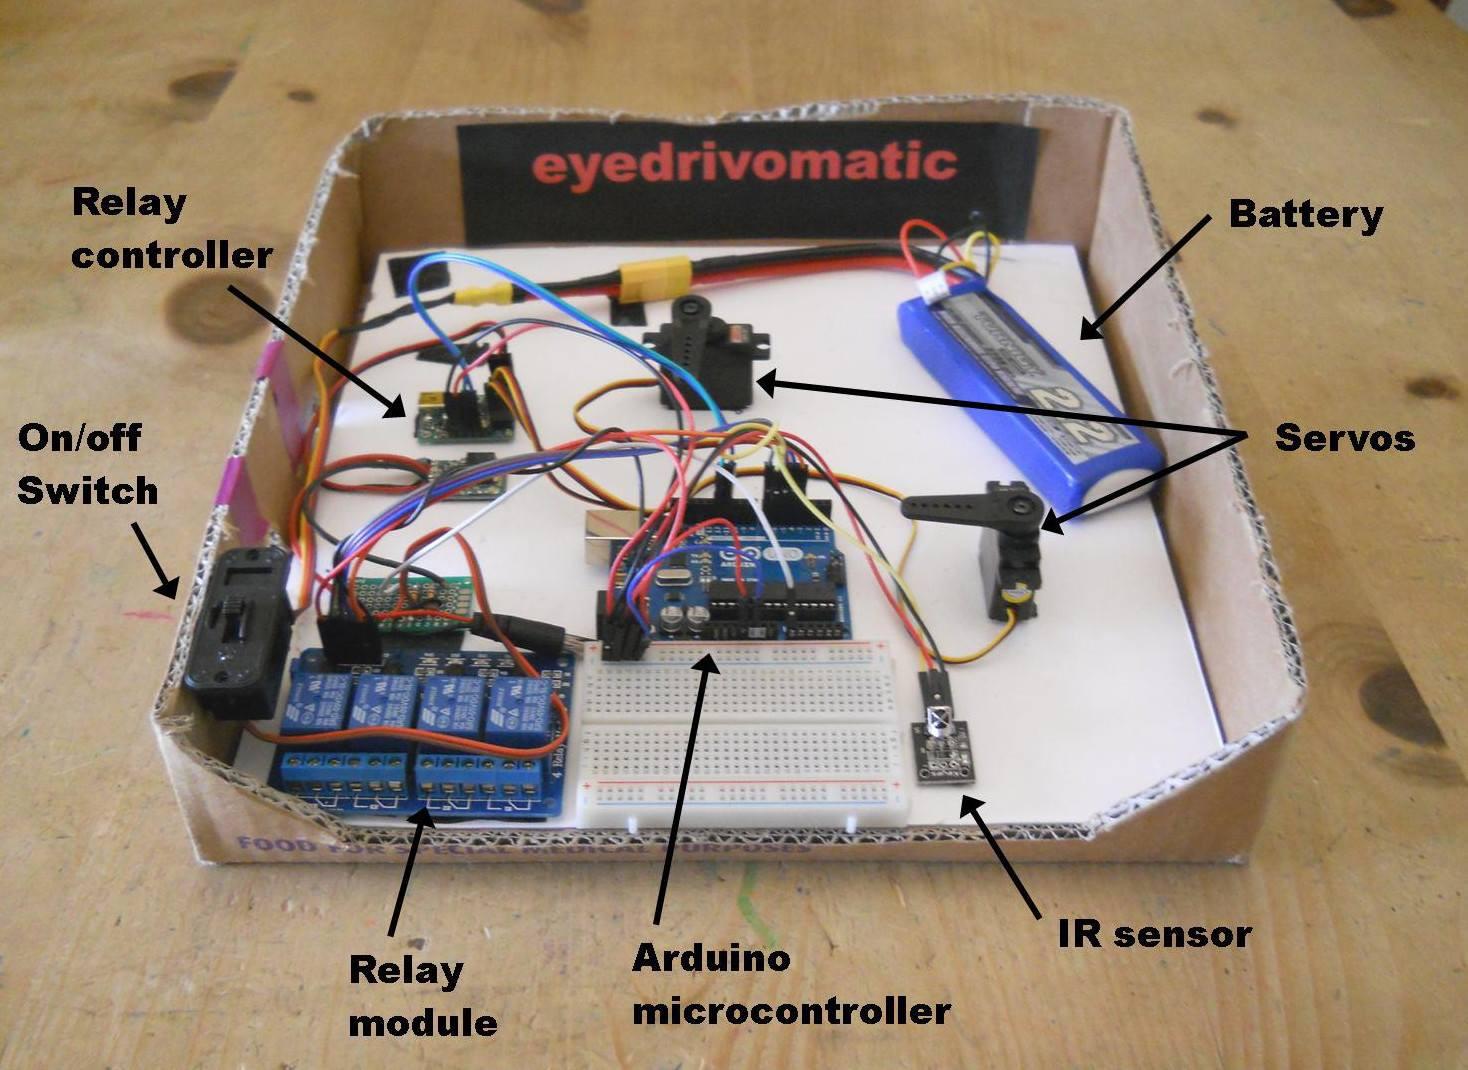 7846871429906882587 - Controla una silla de ruedas con los ojos gracias a Arduino